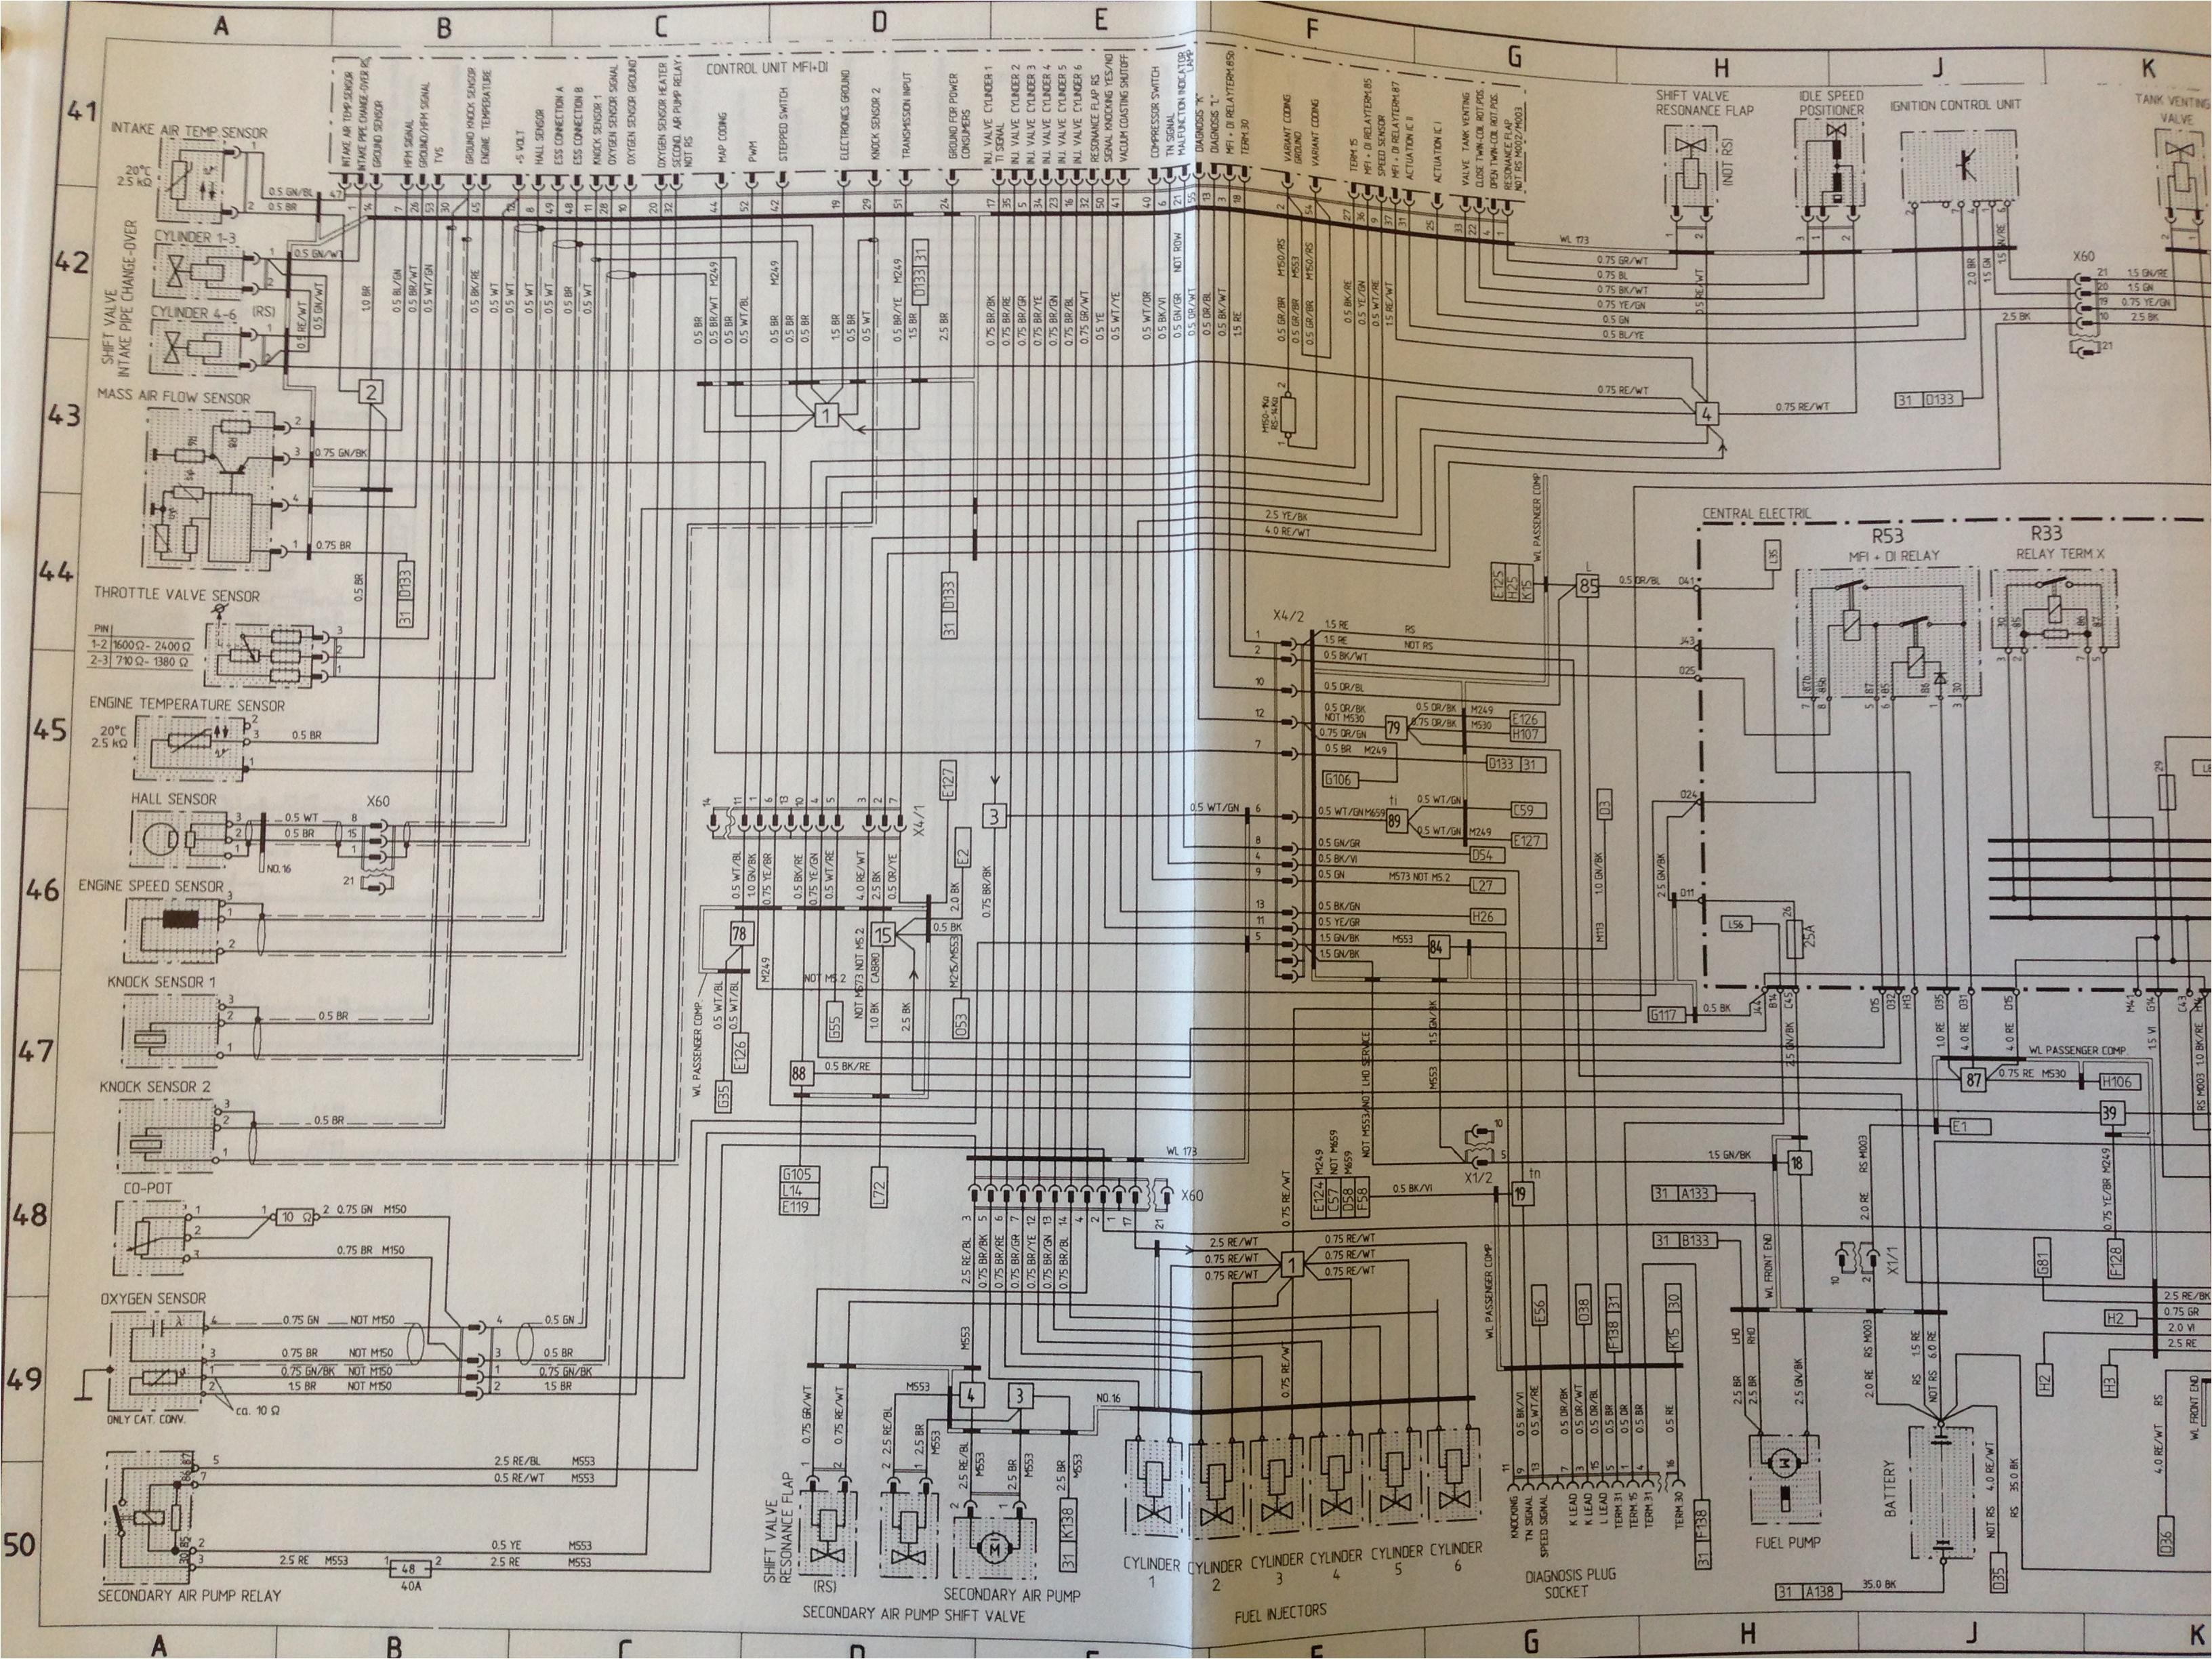 wiring diagram rennlist porsche discussion forums wiring diagram porsche 993 gt2 porsche 993 wiring diagram